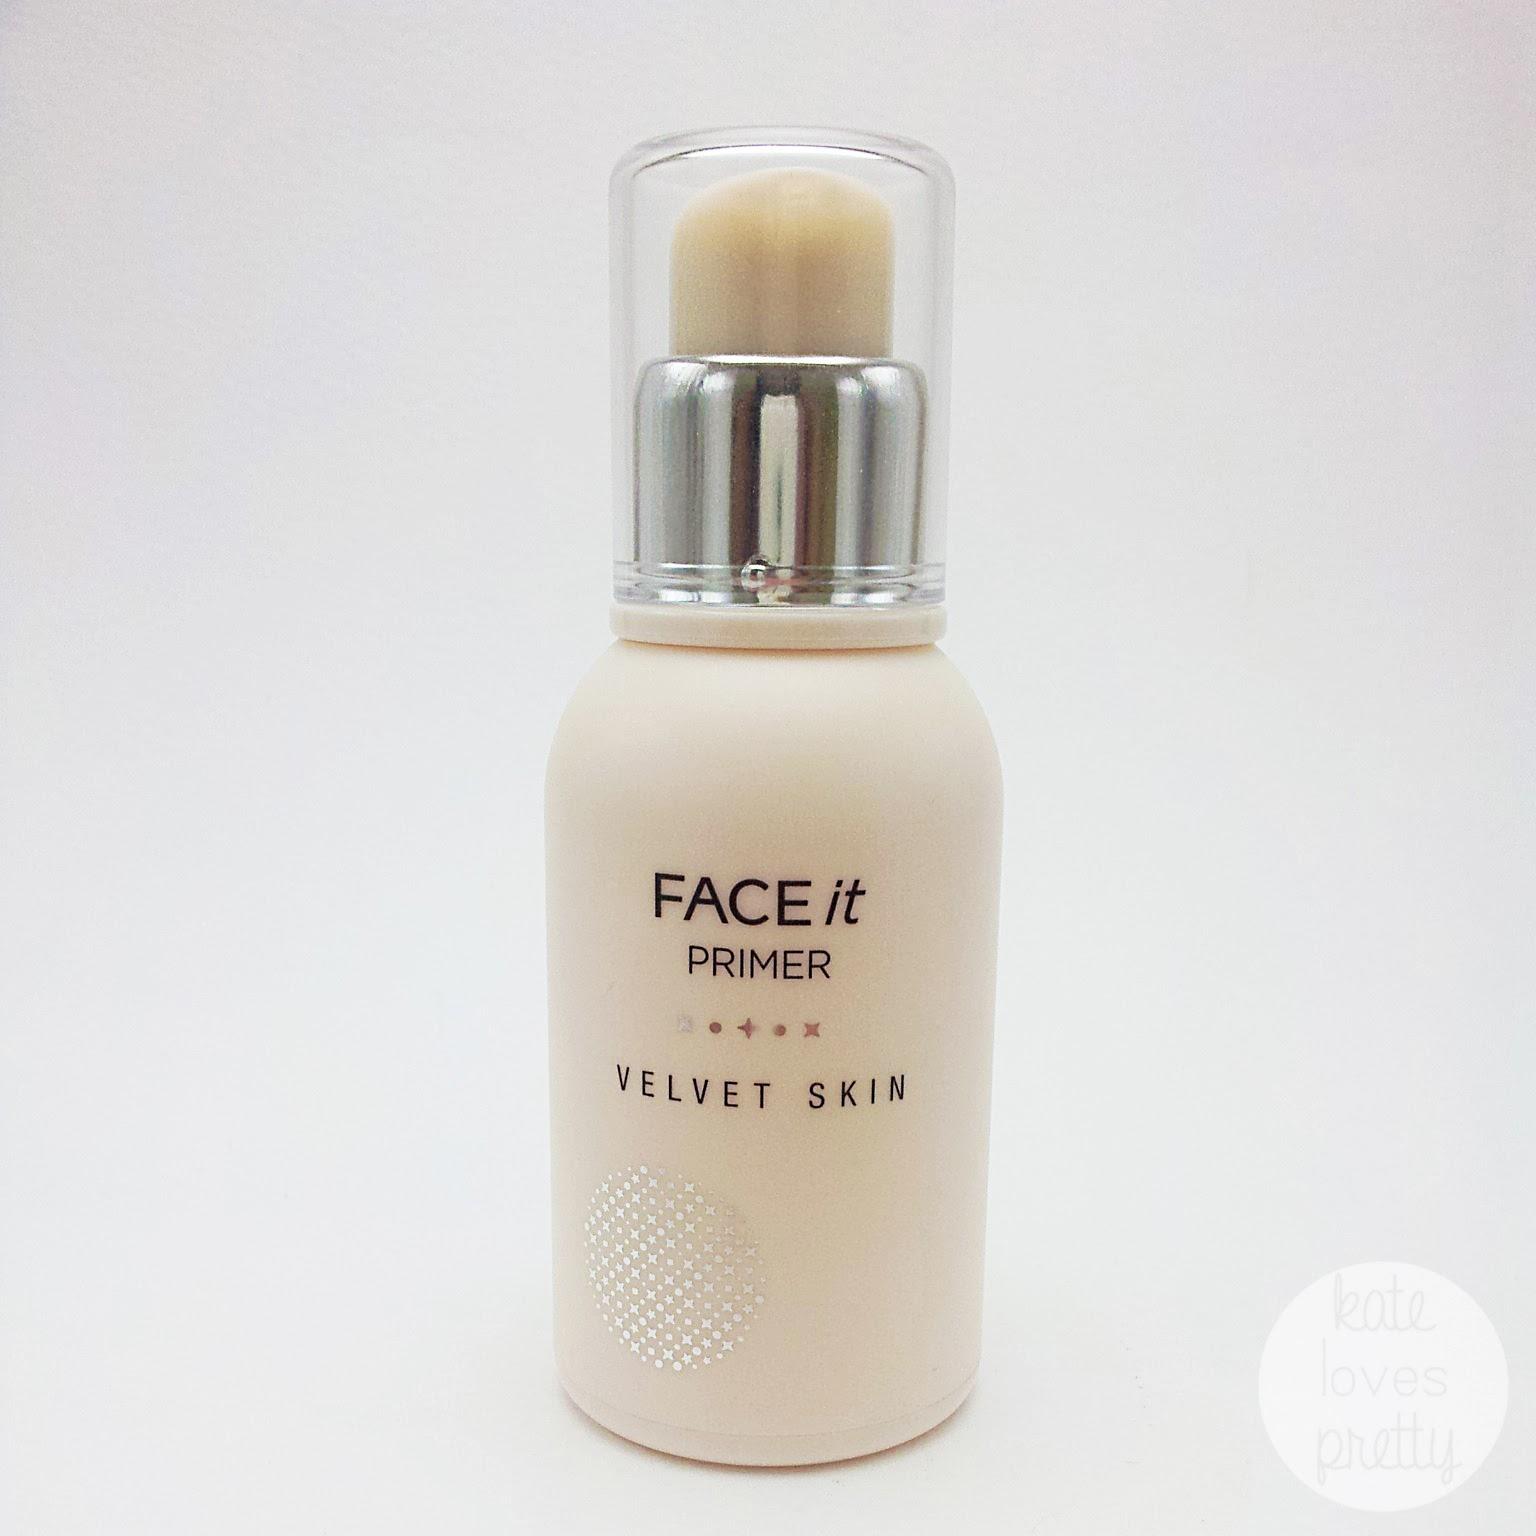 Kate Loves Pretty Review The Face Shop Face It Velvet Skin Primer